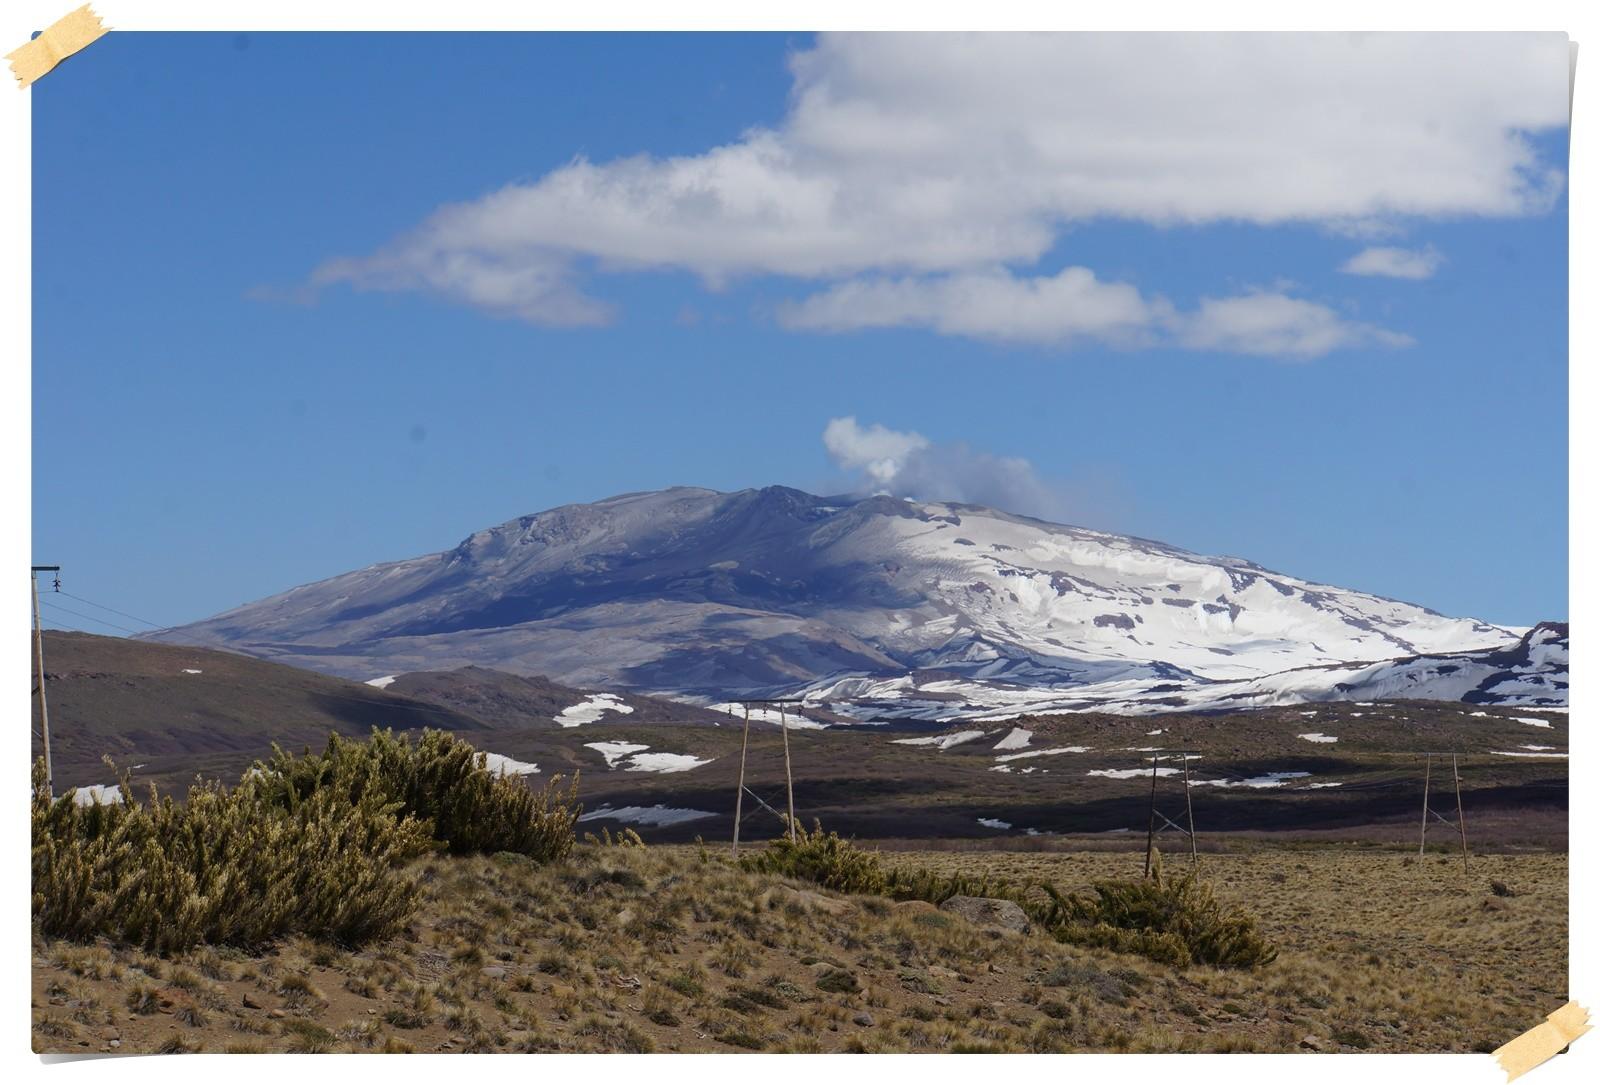 Vulkan Lanin 3776 Meter